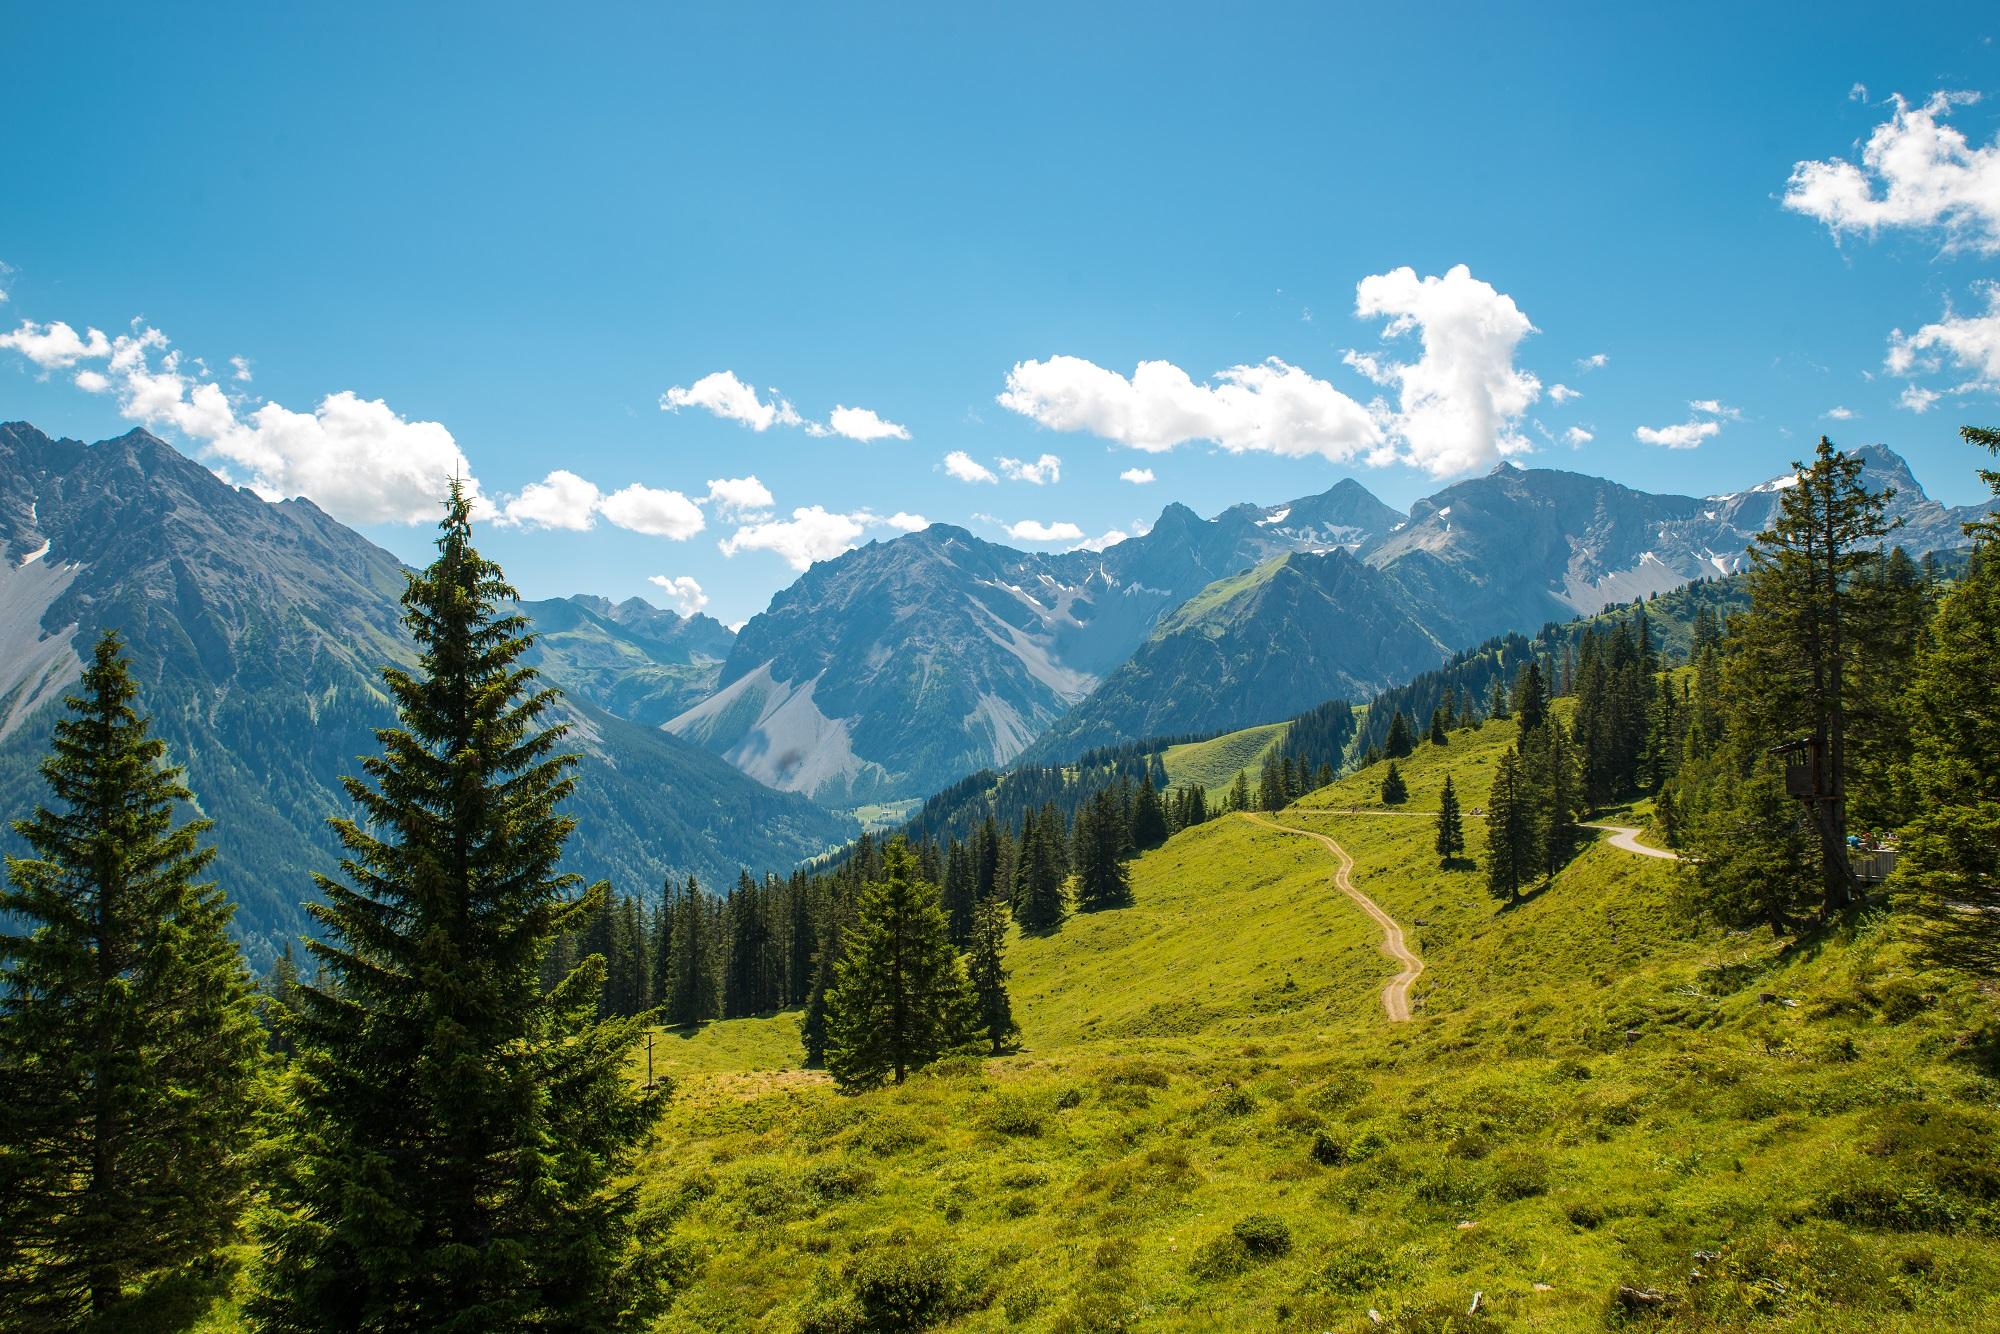 Vorarlberg 3 tage wellness im 4 sterne hotel f r nur 118 chf for Designhotel wellness deutschland